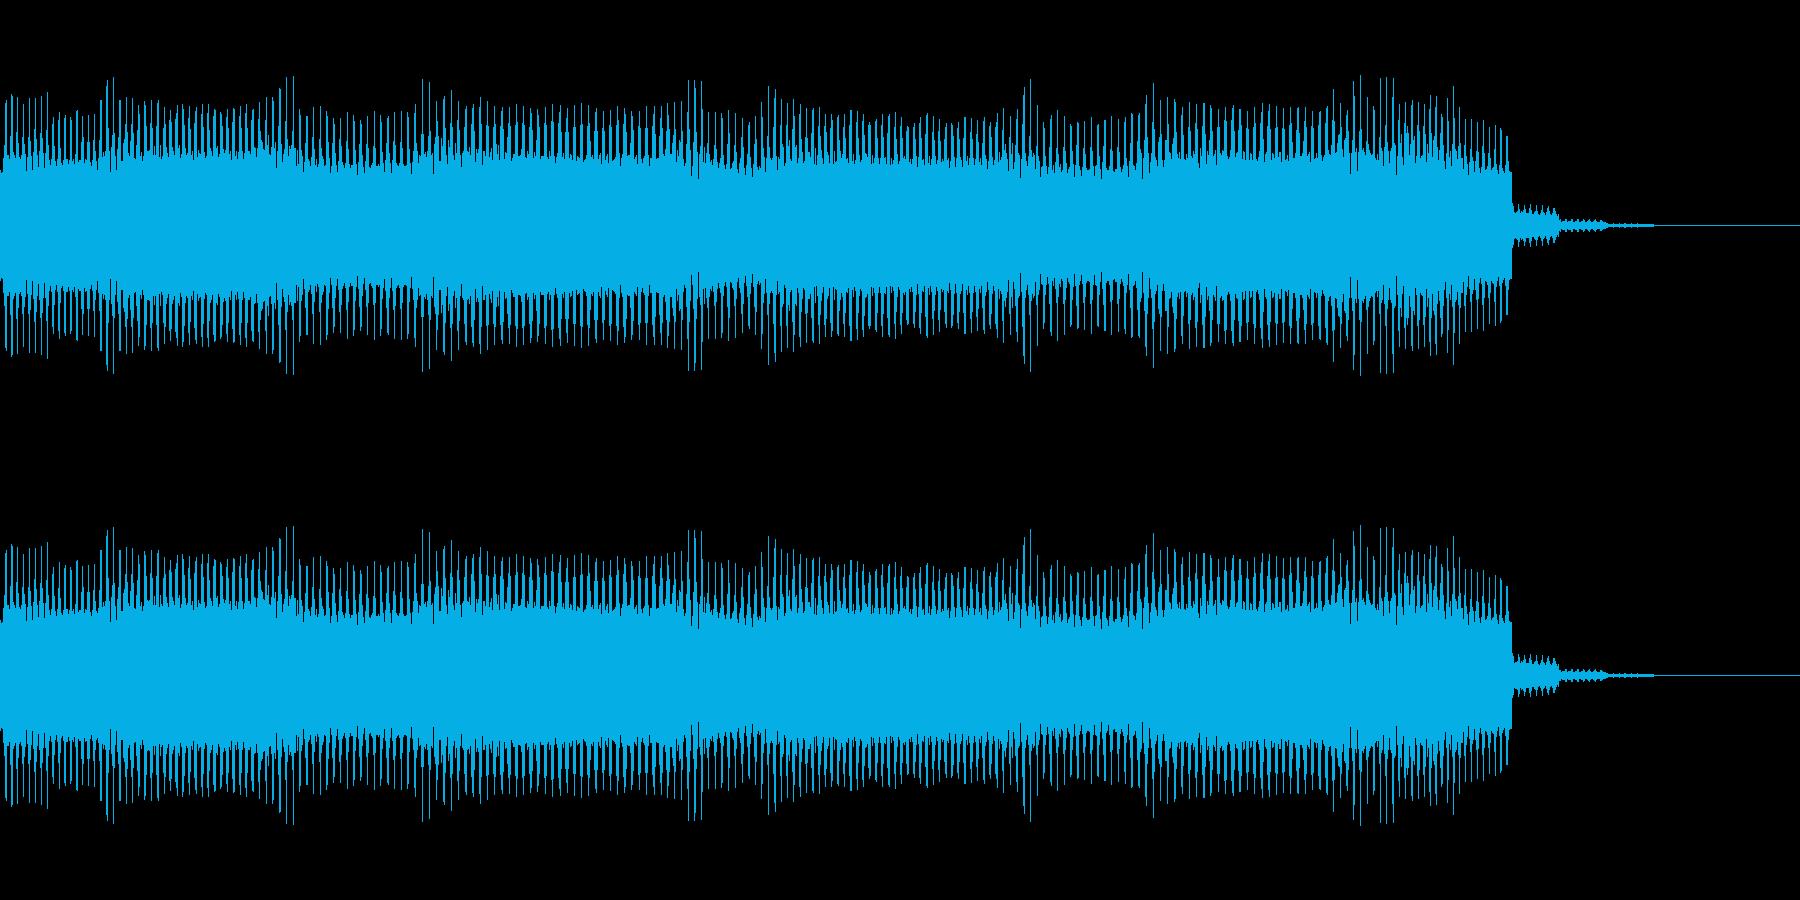 レーザー、ビーム、光などのイメージの再生済みの波形